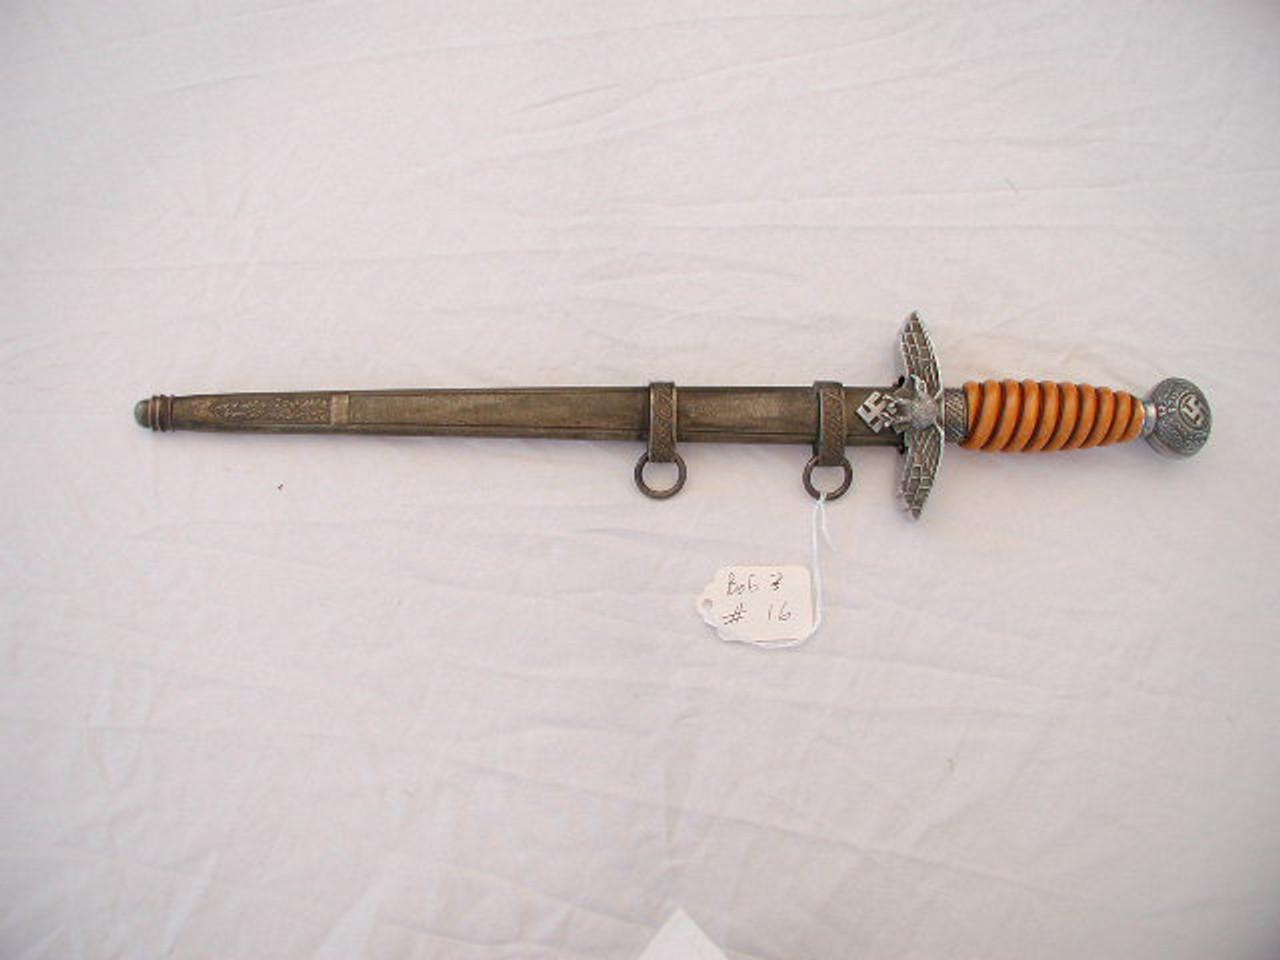 2nd Model luftwaffe Dagger, Maker, ASSO #773 - worlddaggers com